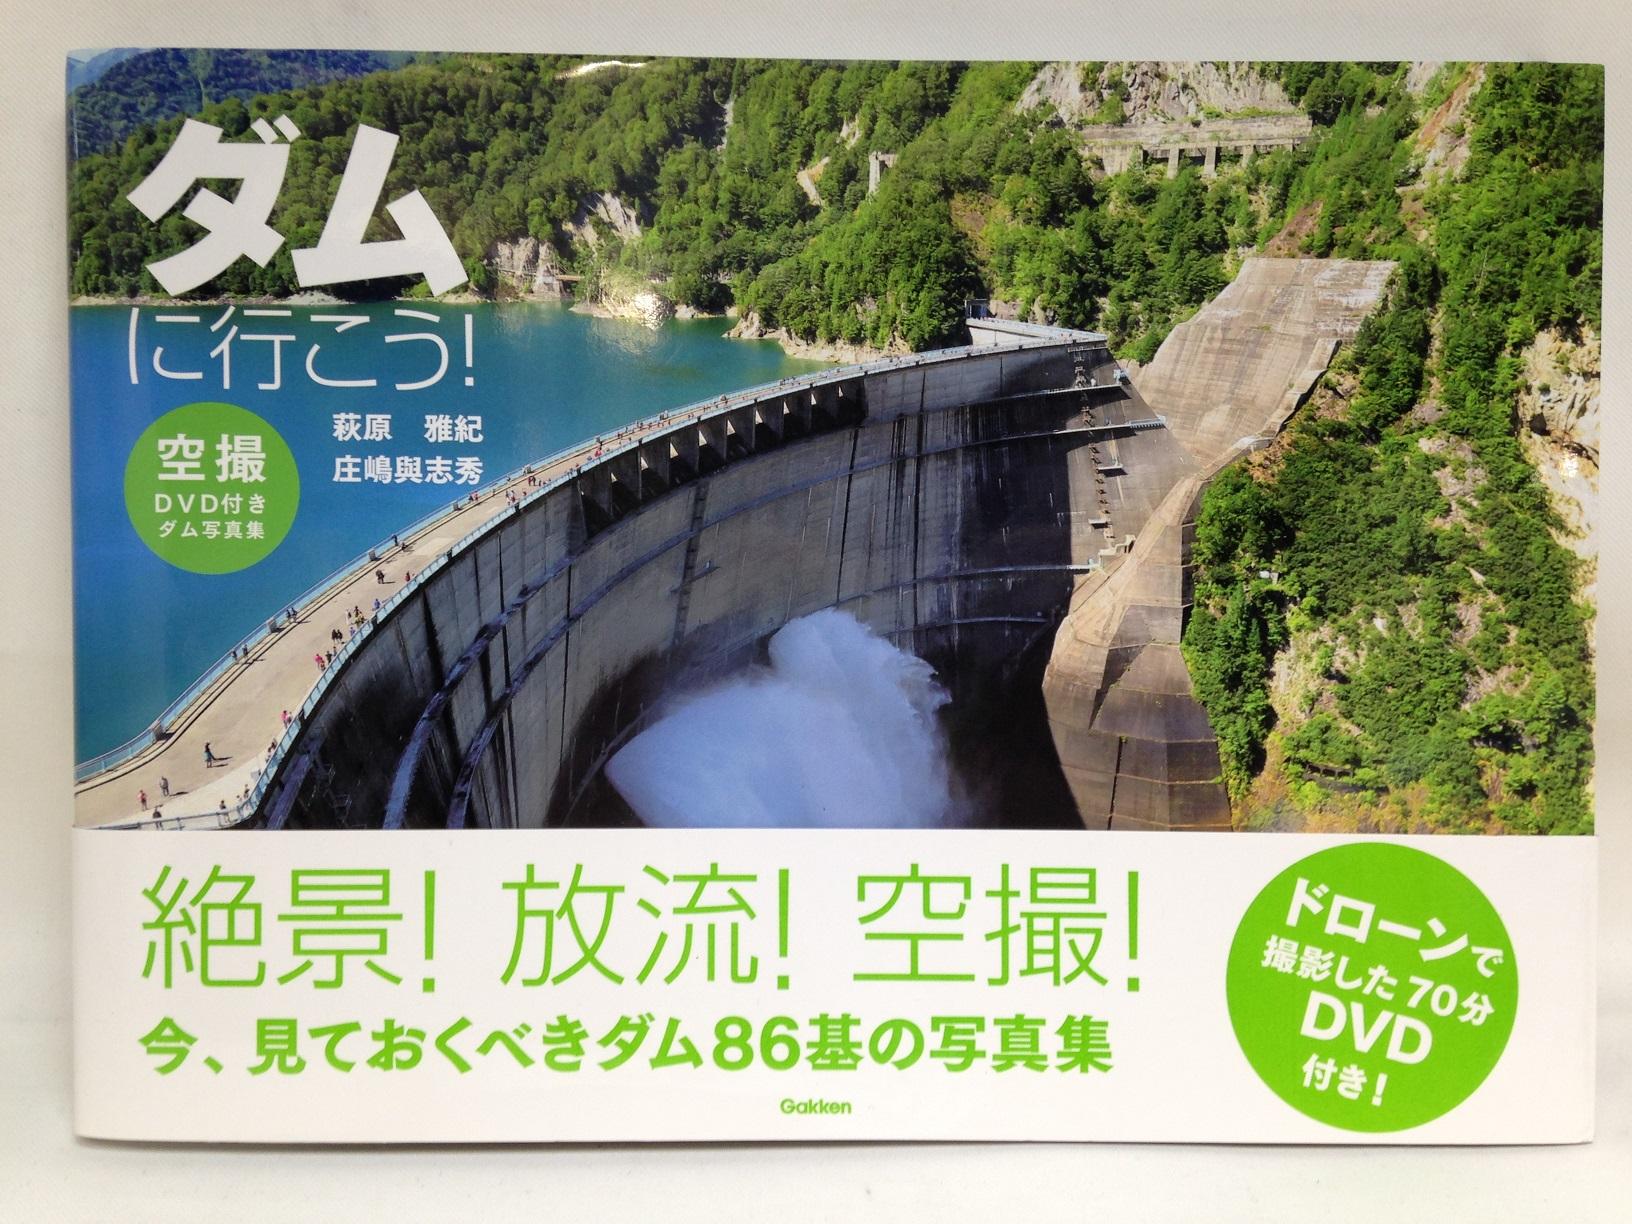 【新古本】ダムに行こう! 空撮DVD付きダム写真集画像